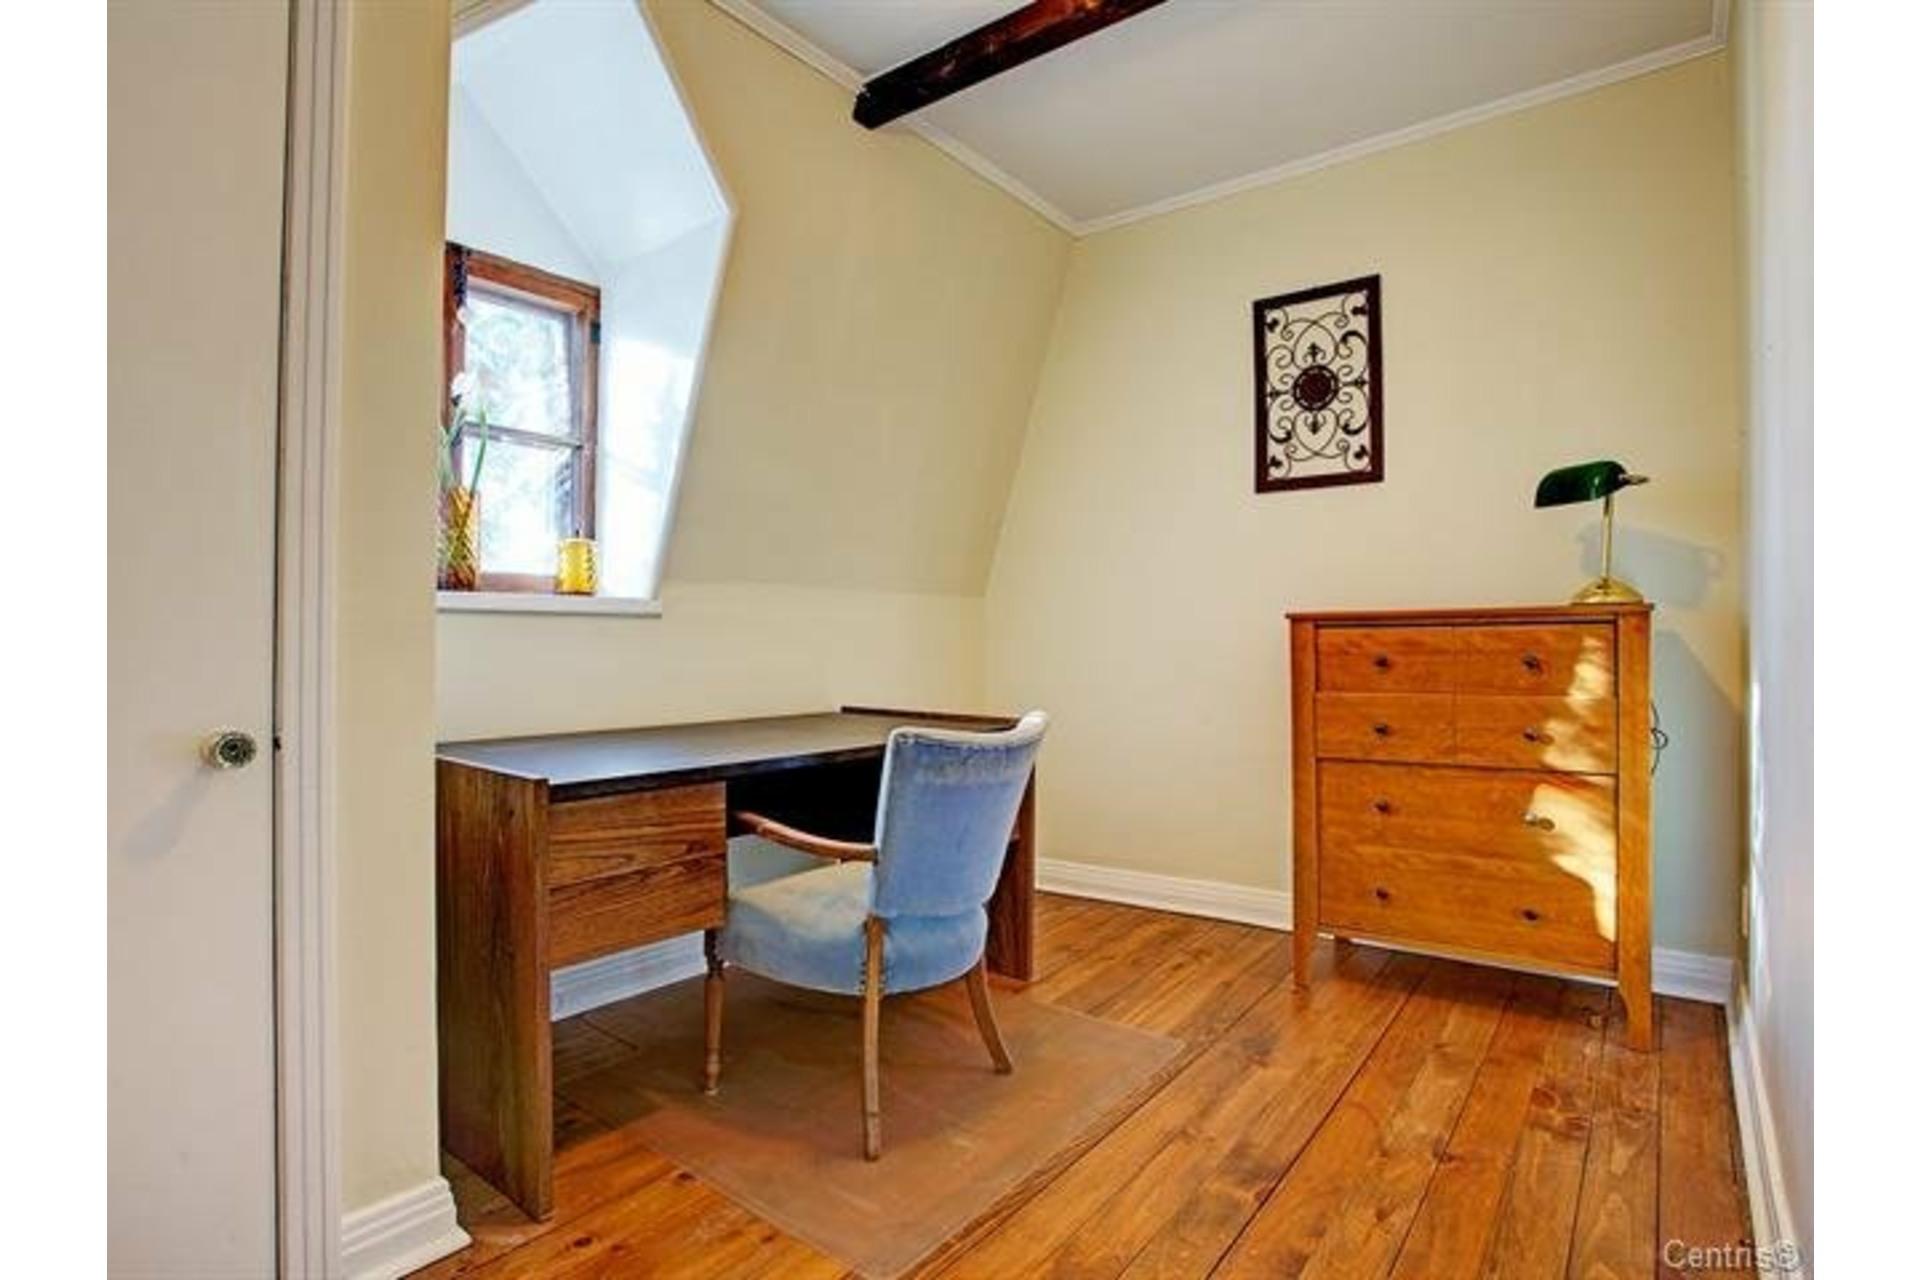 image 20 - MX - Casa sola - MX En venta Vaudreuil-Dorion - 12 habitaciones